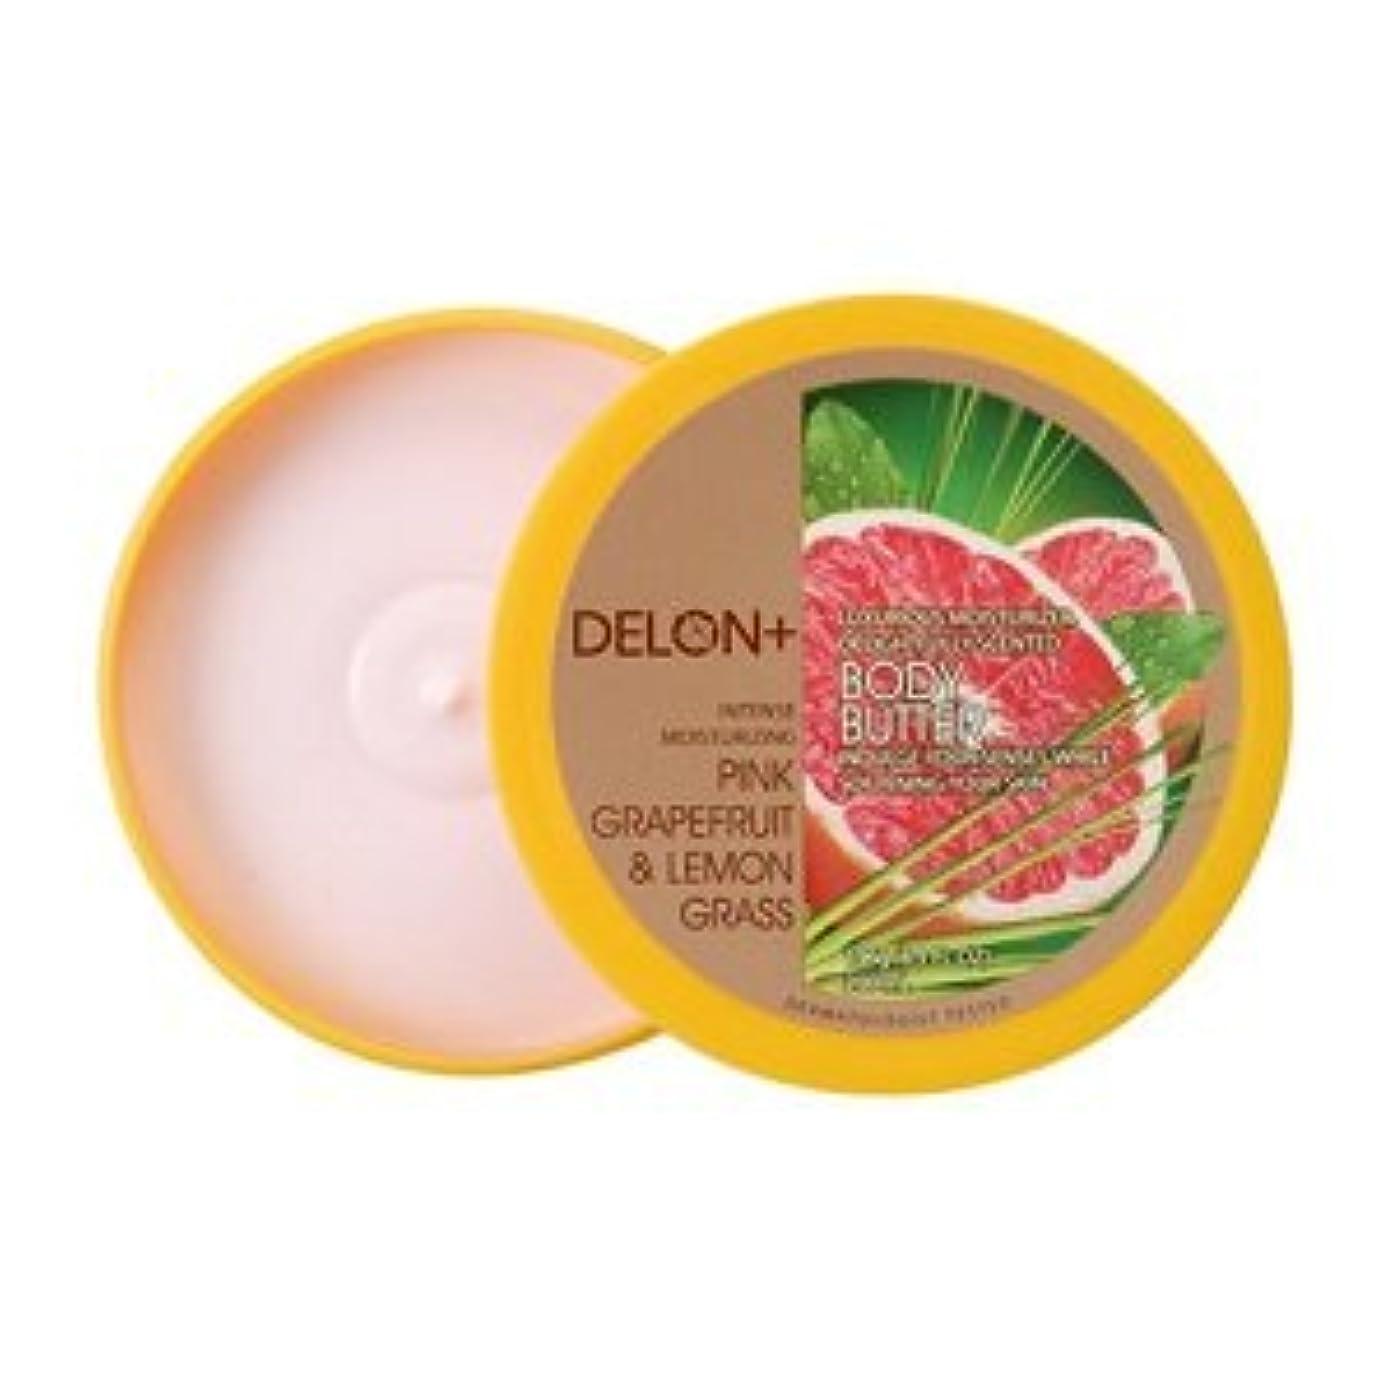 毎月に向かって問い合わせデロン ボディバター ピンクグレープフルーツ & ;レモングラス 196g ボディクリーム